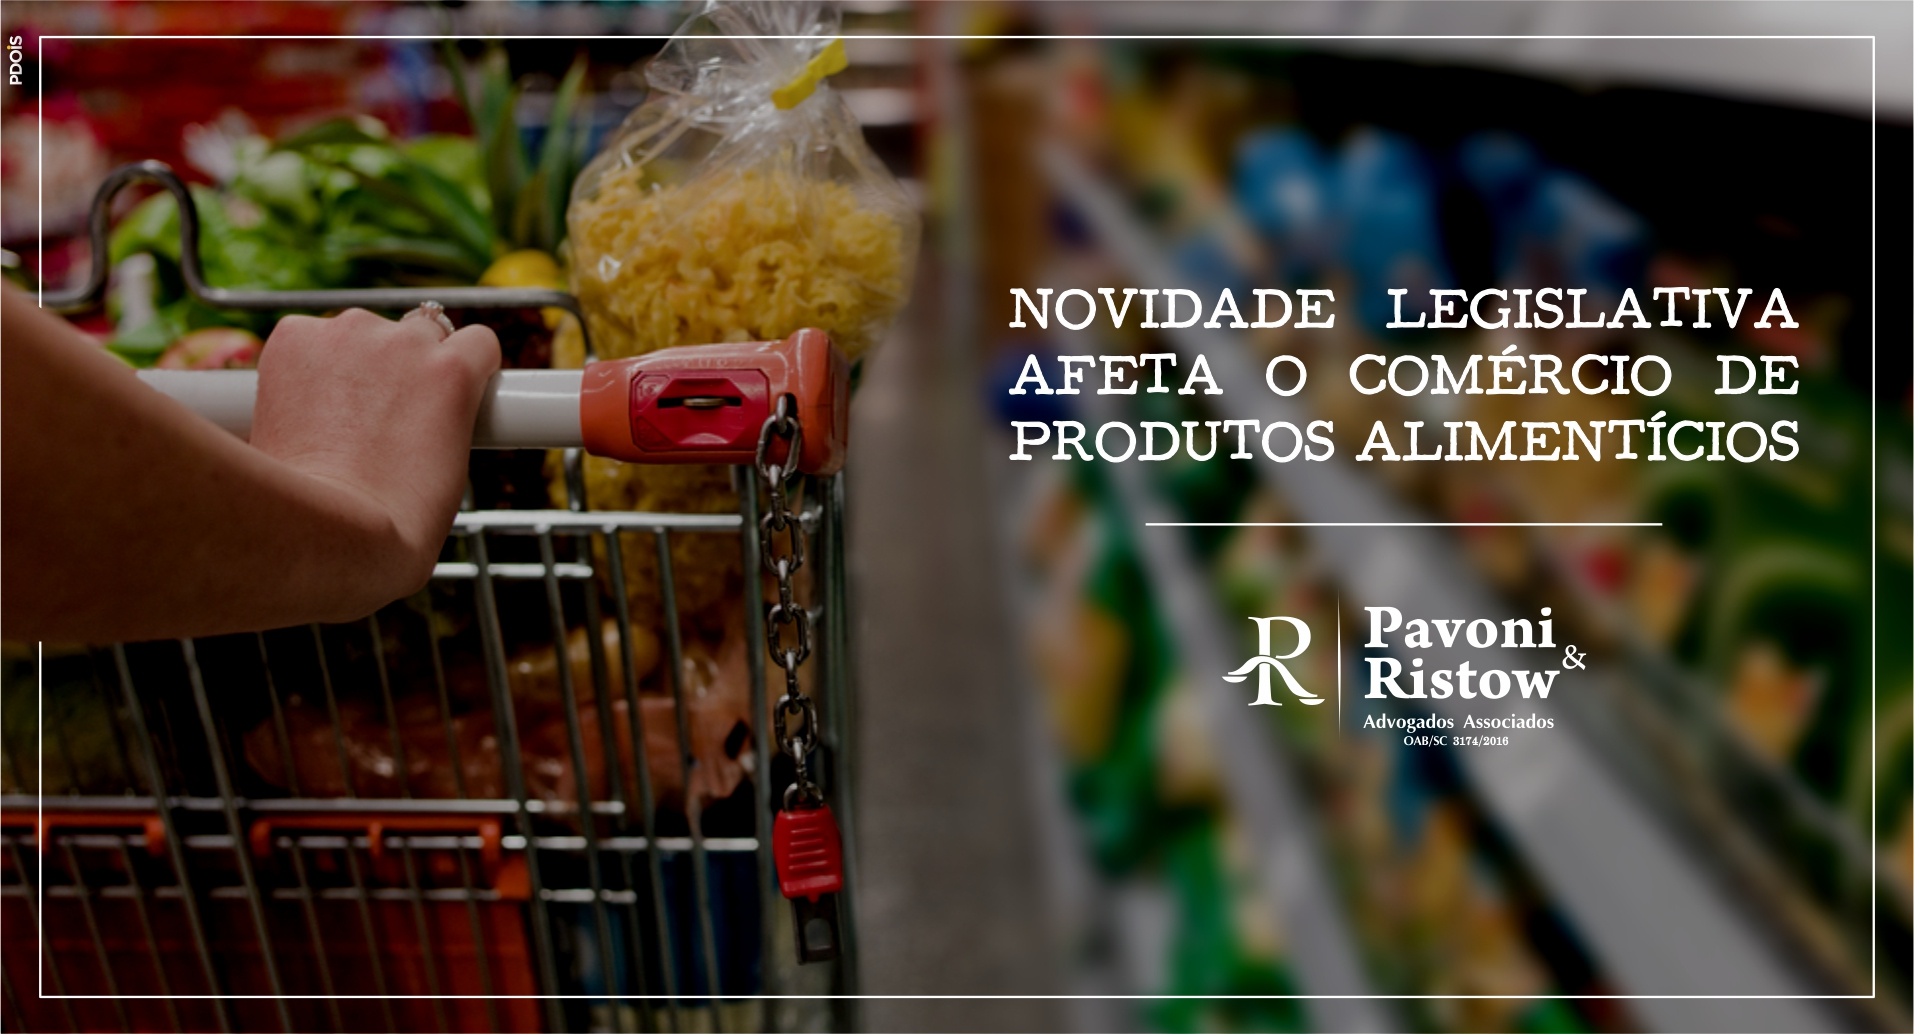 NOVIDADE LEGISLATIVA AFETA O COMÉRCIO DE PRODUTOS ALIMENTÍCIOS